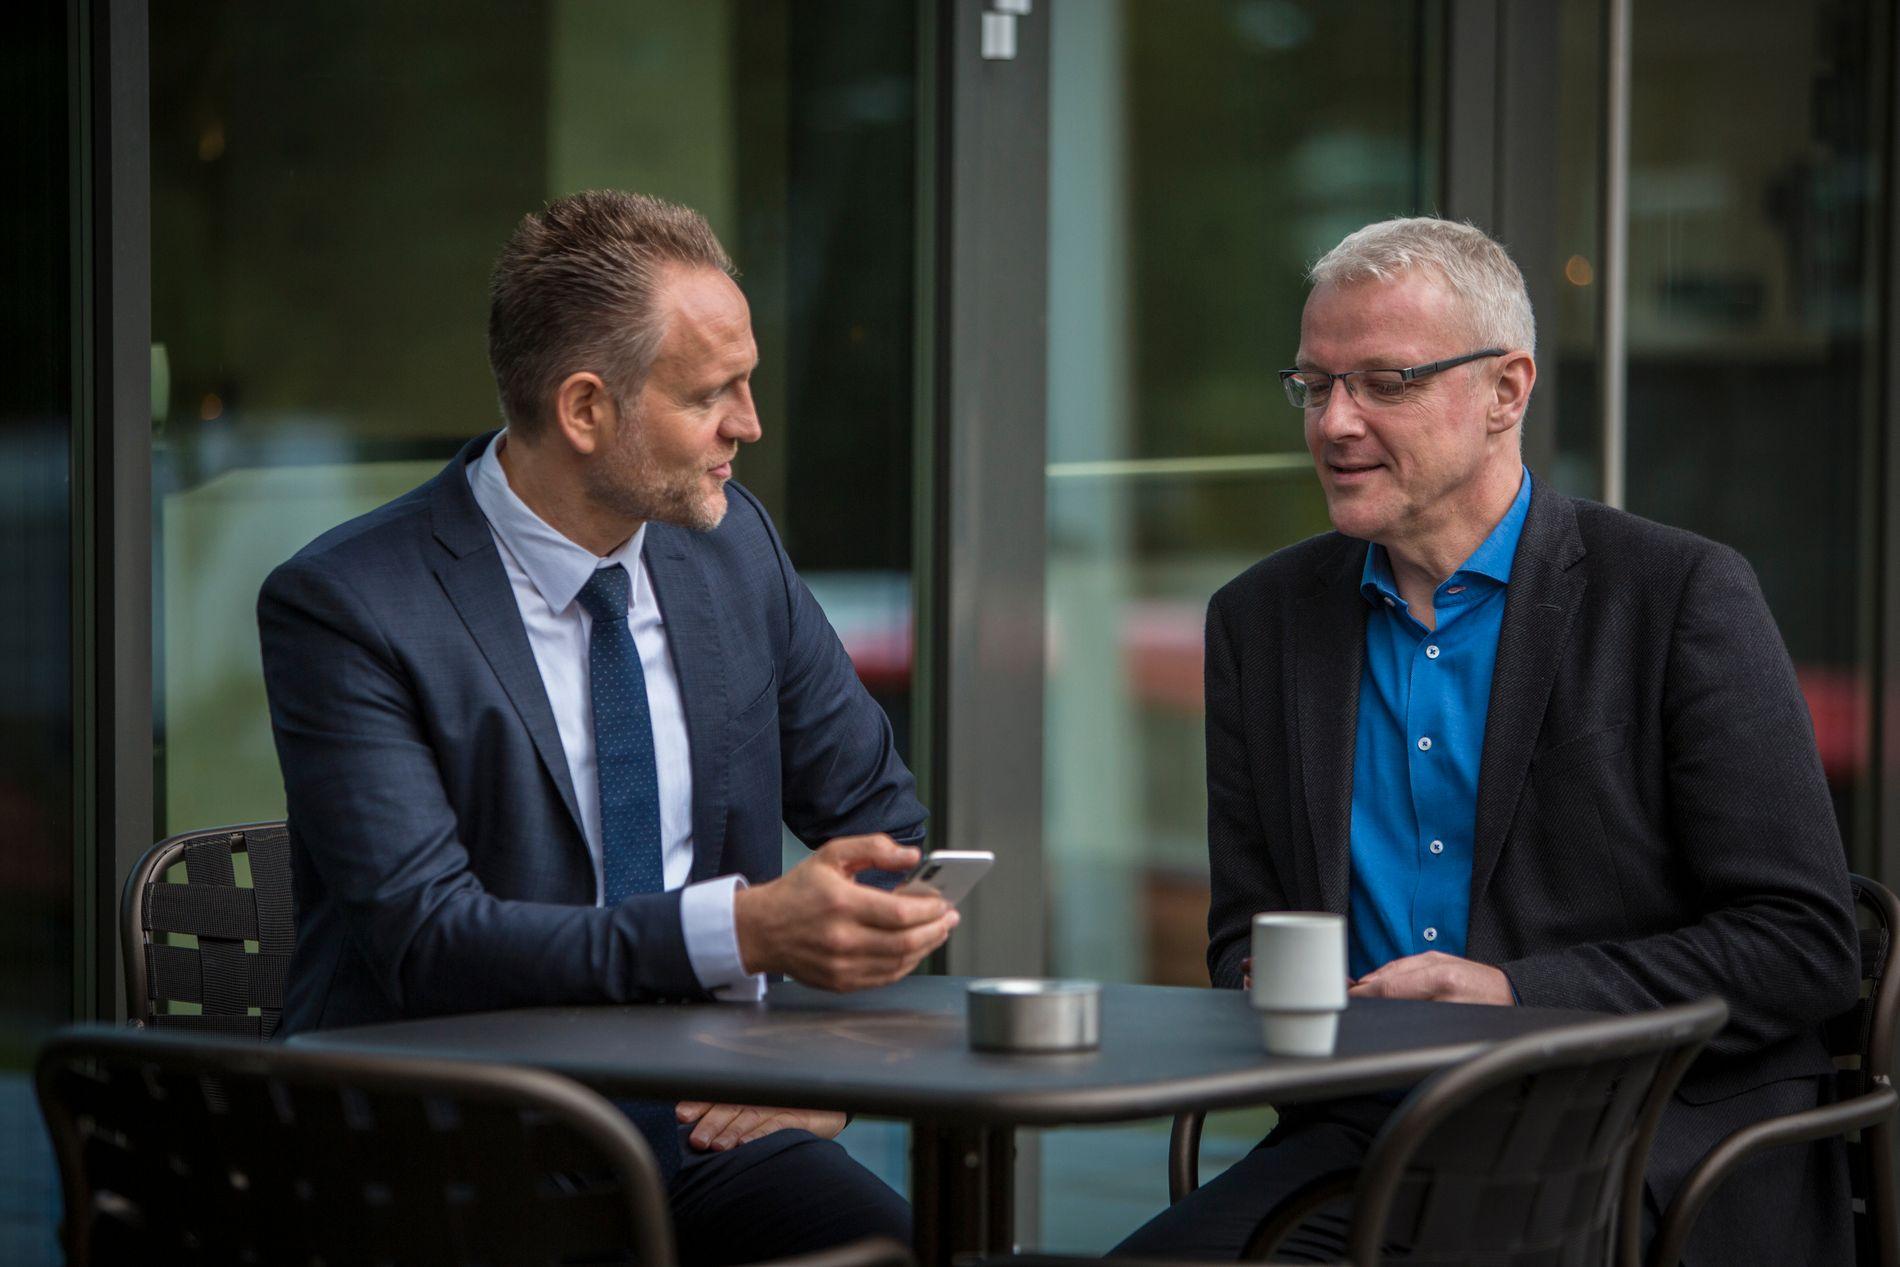 LITEN BØRSRESPONS: «Etablerer neste generasjons bank, kun på mobil», het det i børsmeldingen onsdag. Kursen rikket seg imidlertid ikke. Her er adm.dir. Jan Erik Kjerpeseth (til v.) sammen med mobilbankens leder Torvald Kvamme.